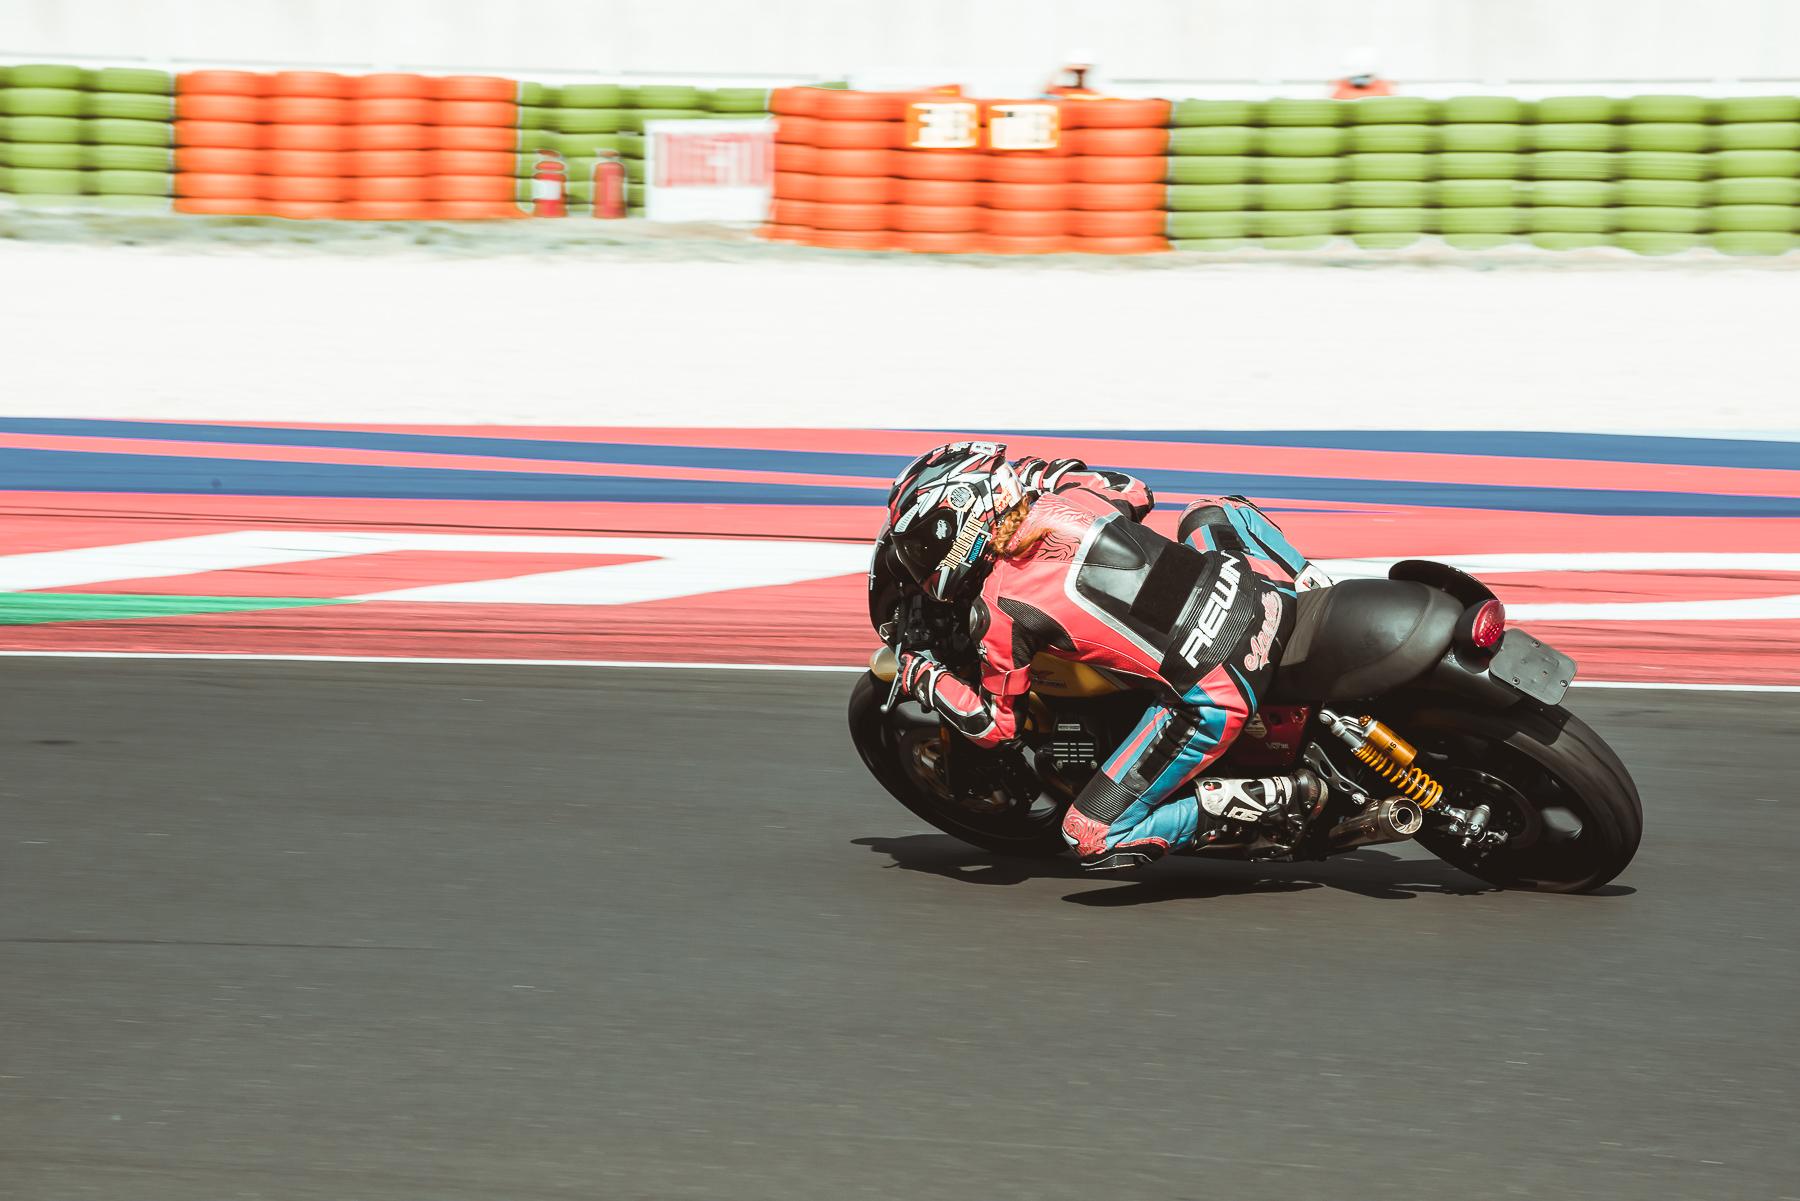 2020-Moto-Guzzi-Endurance-DAY-2-26